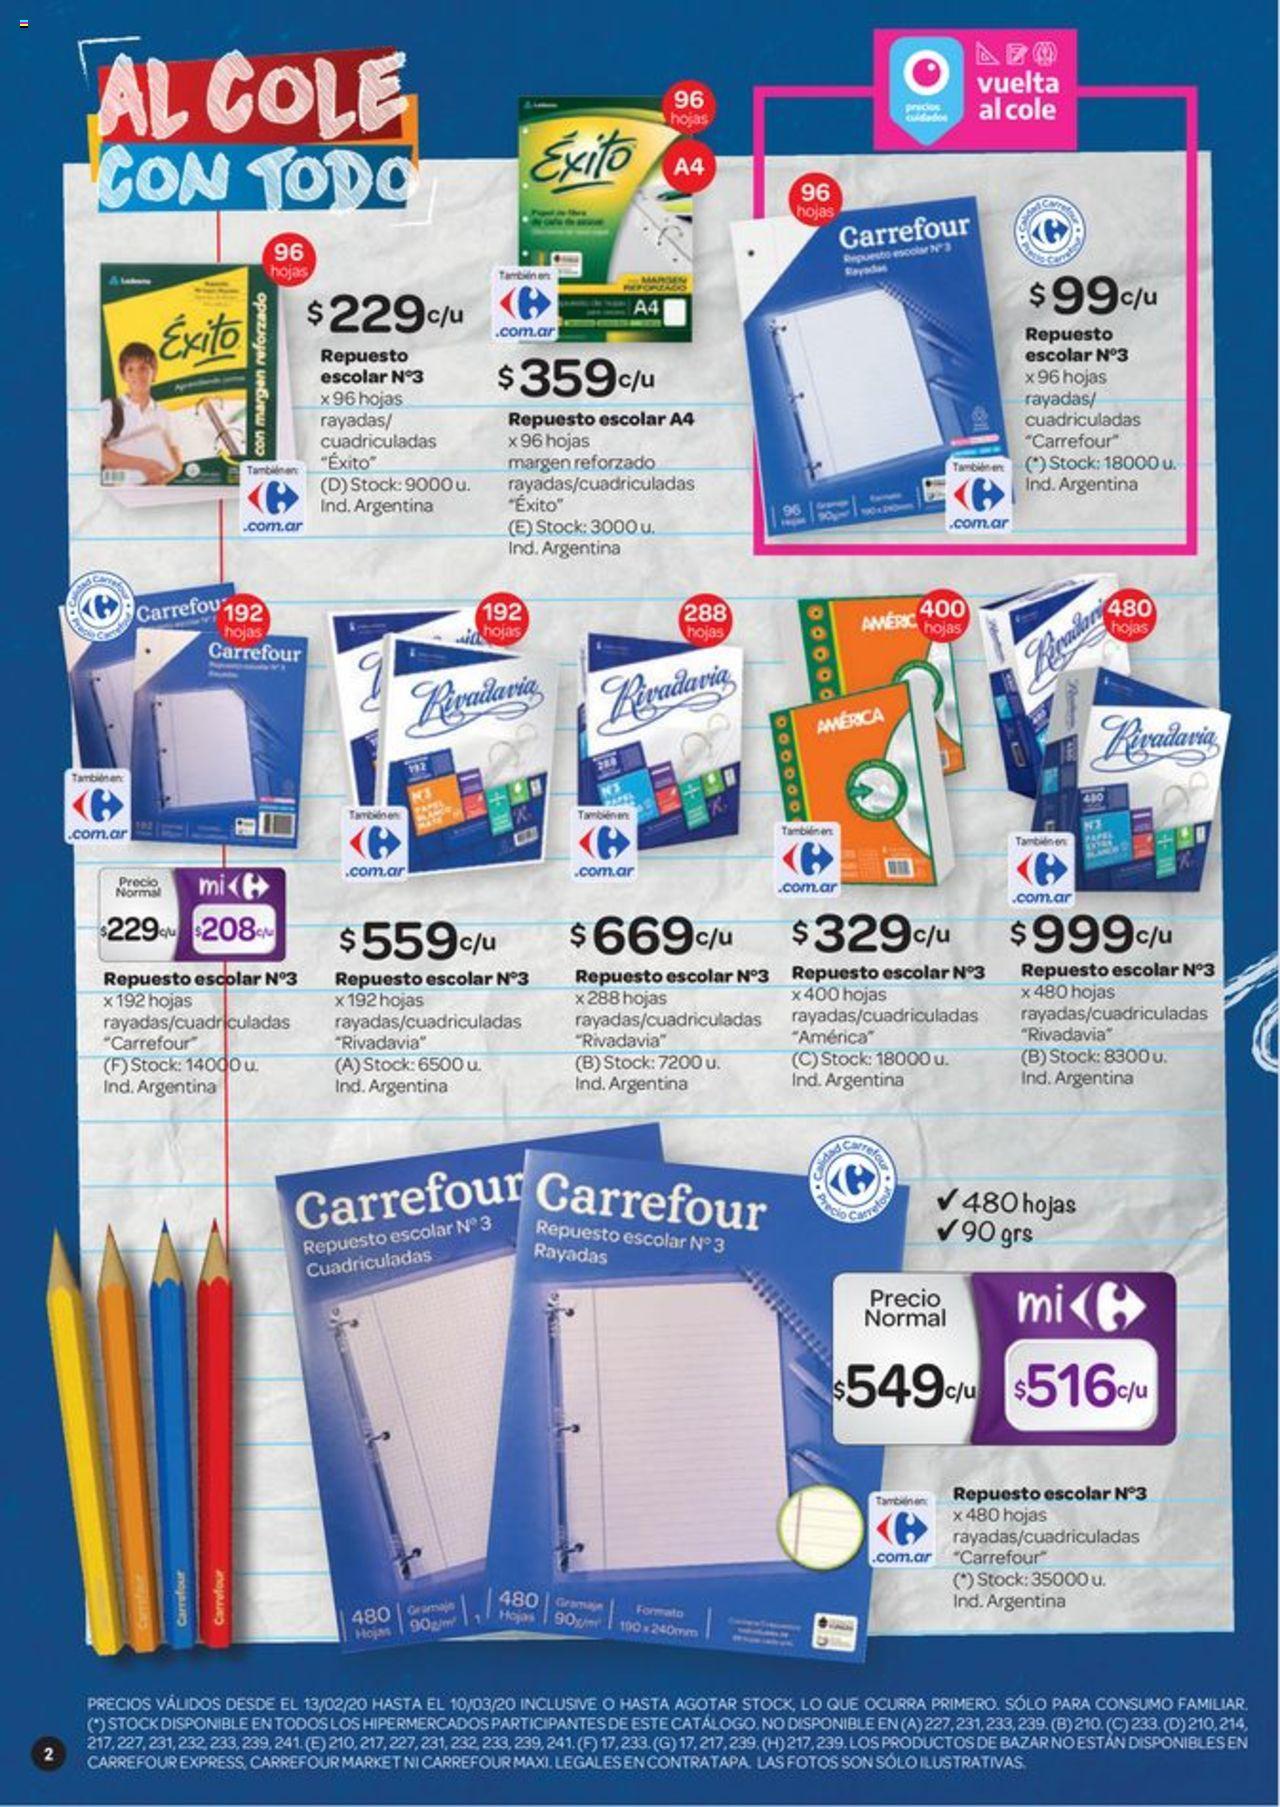 Carrefour Oferta válido desde el 13/02/2020 número de página 1 | Página: 2